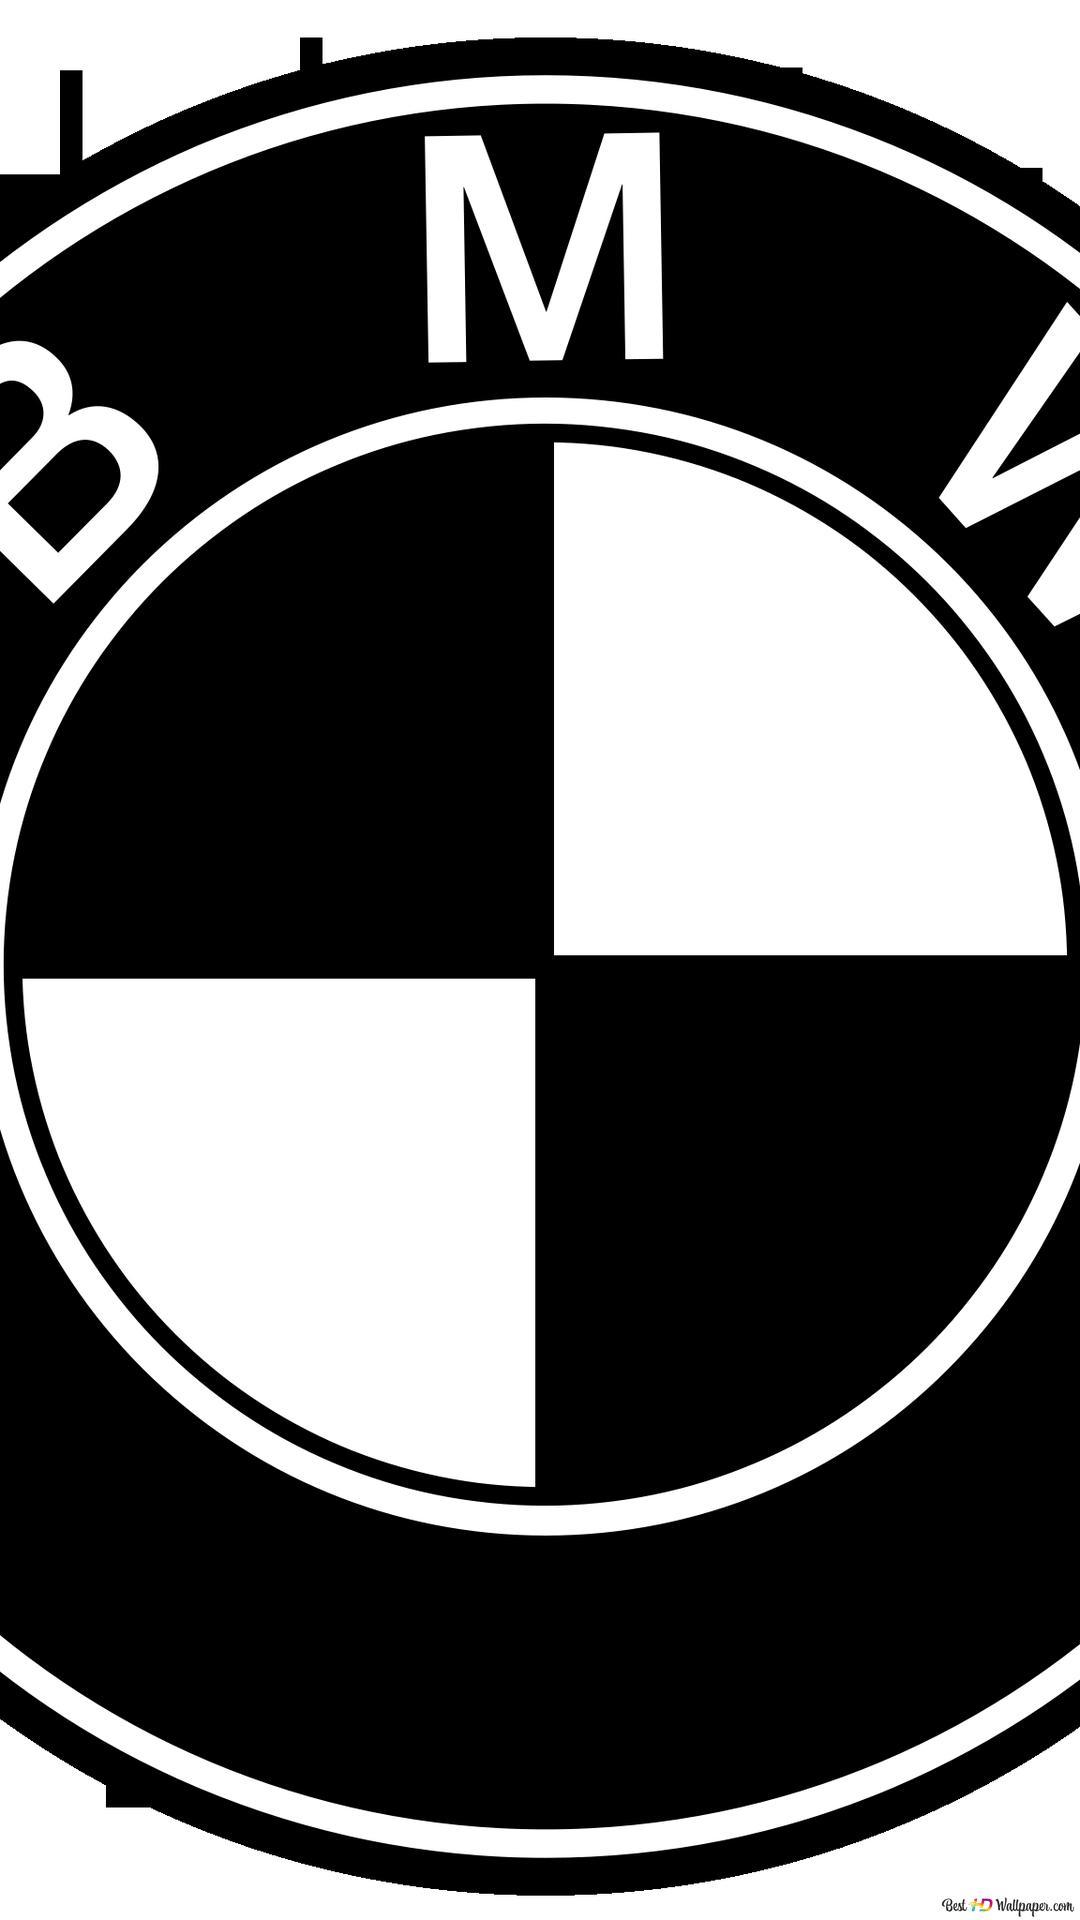 Bmwのロゴ黒 白 Hd壁紙のダウンロード